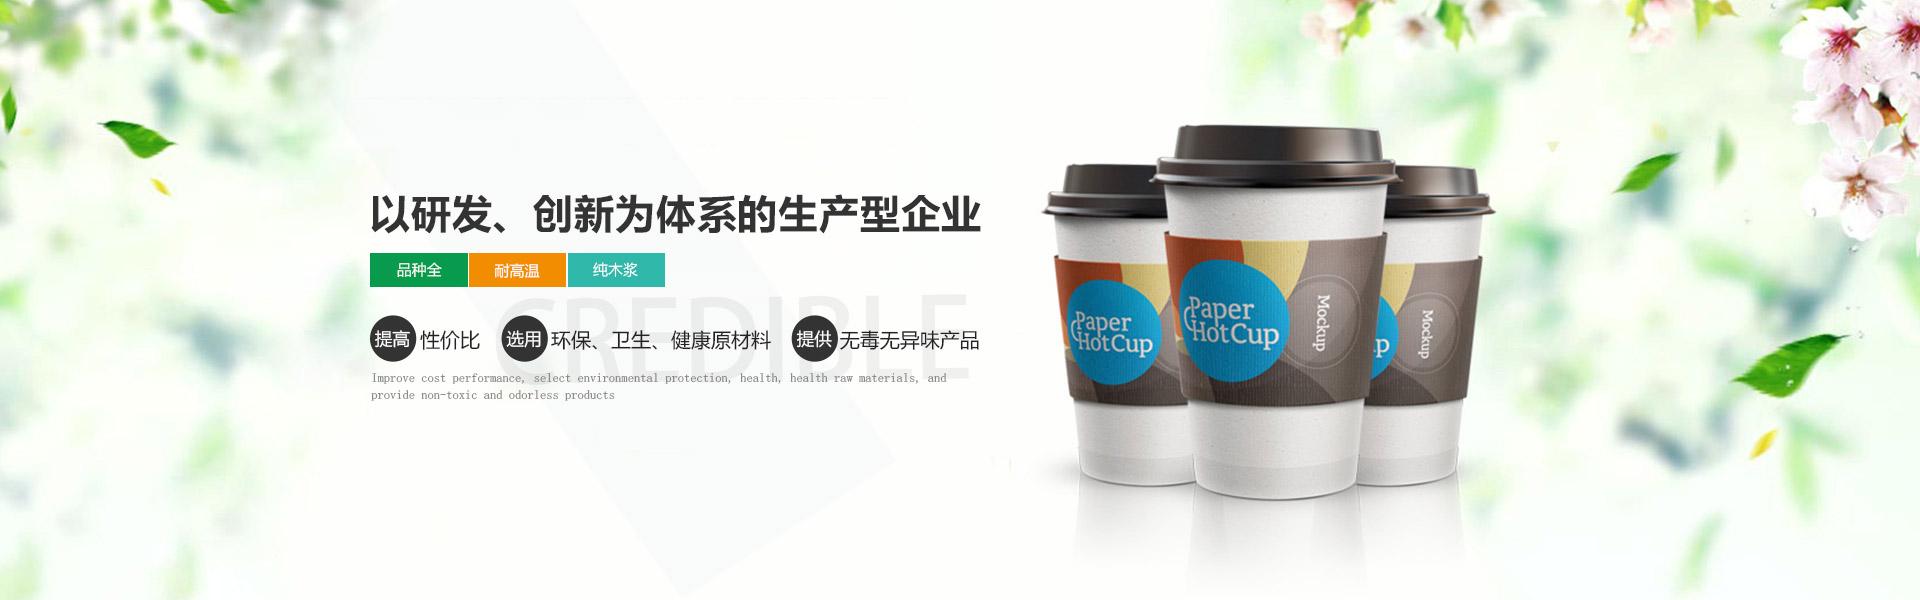 郑州奶茶杯